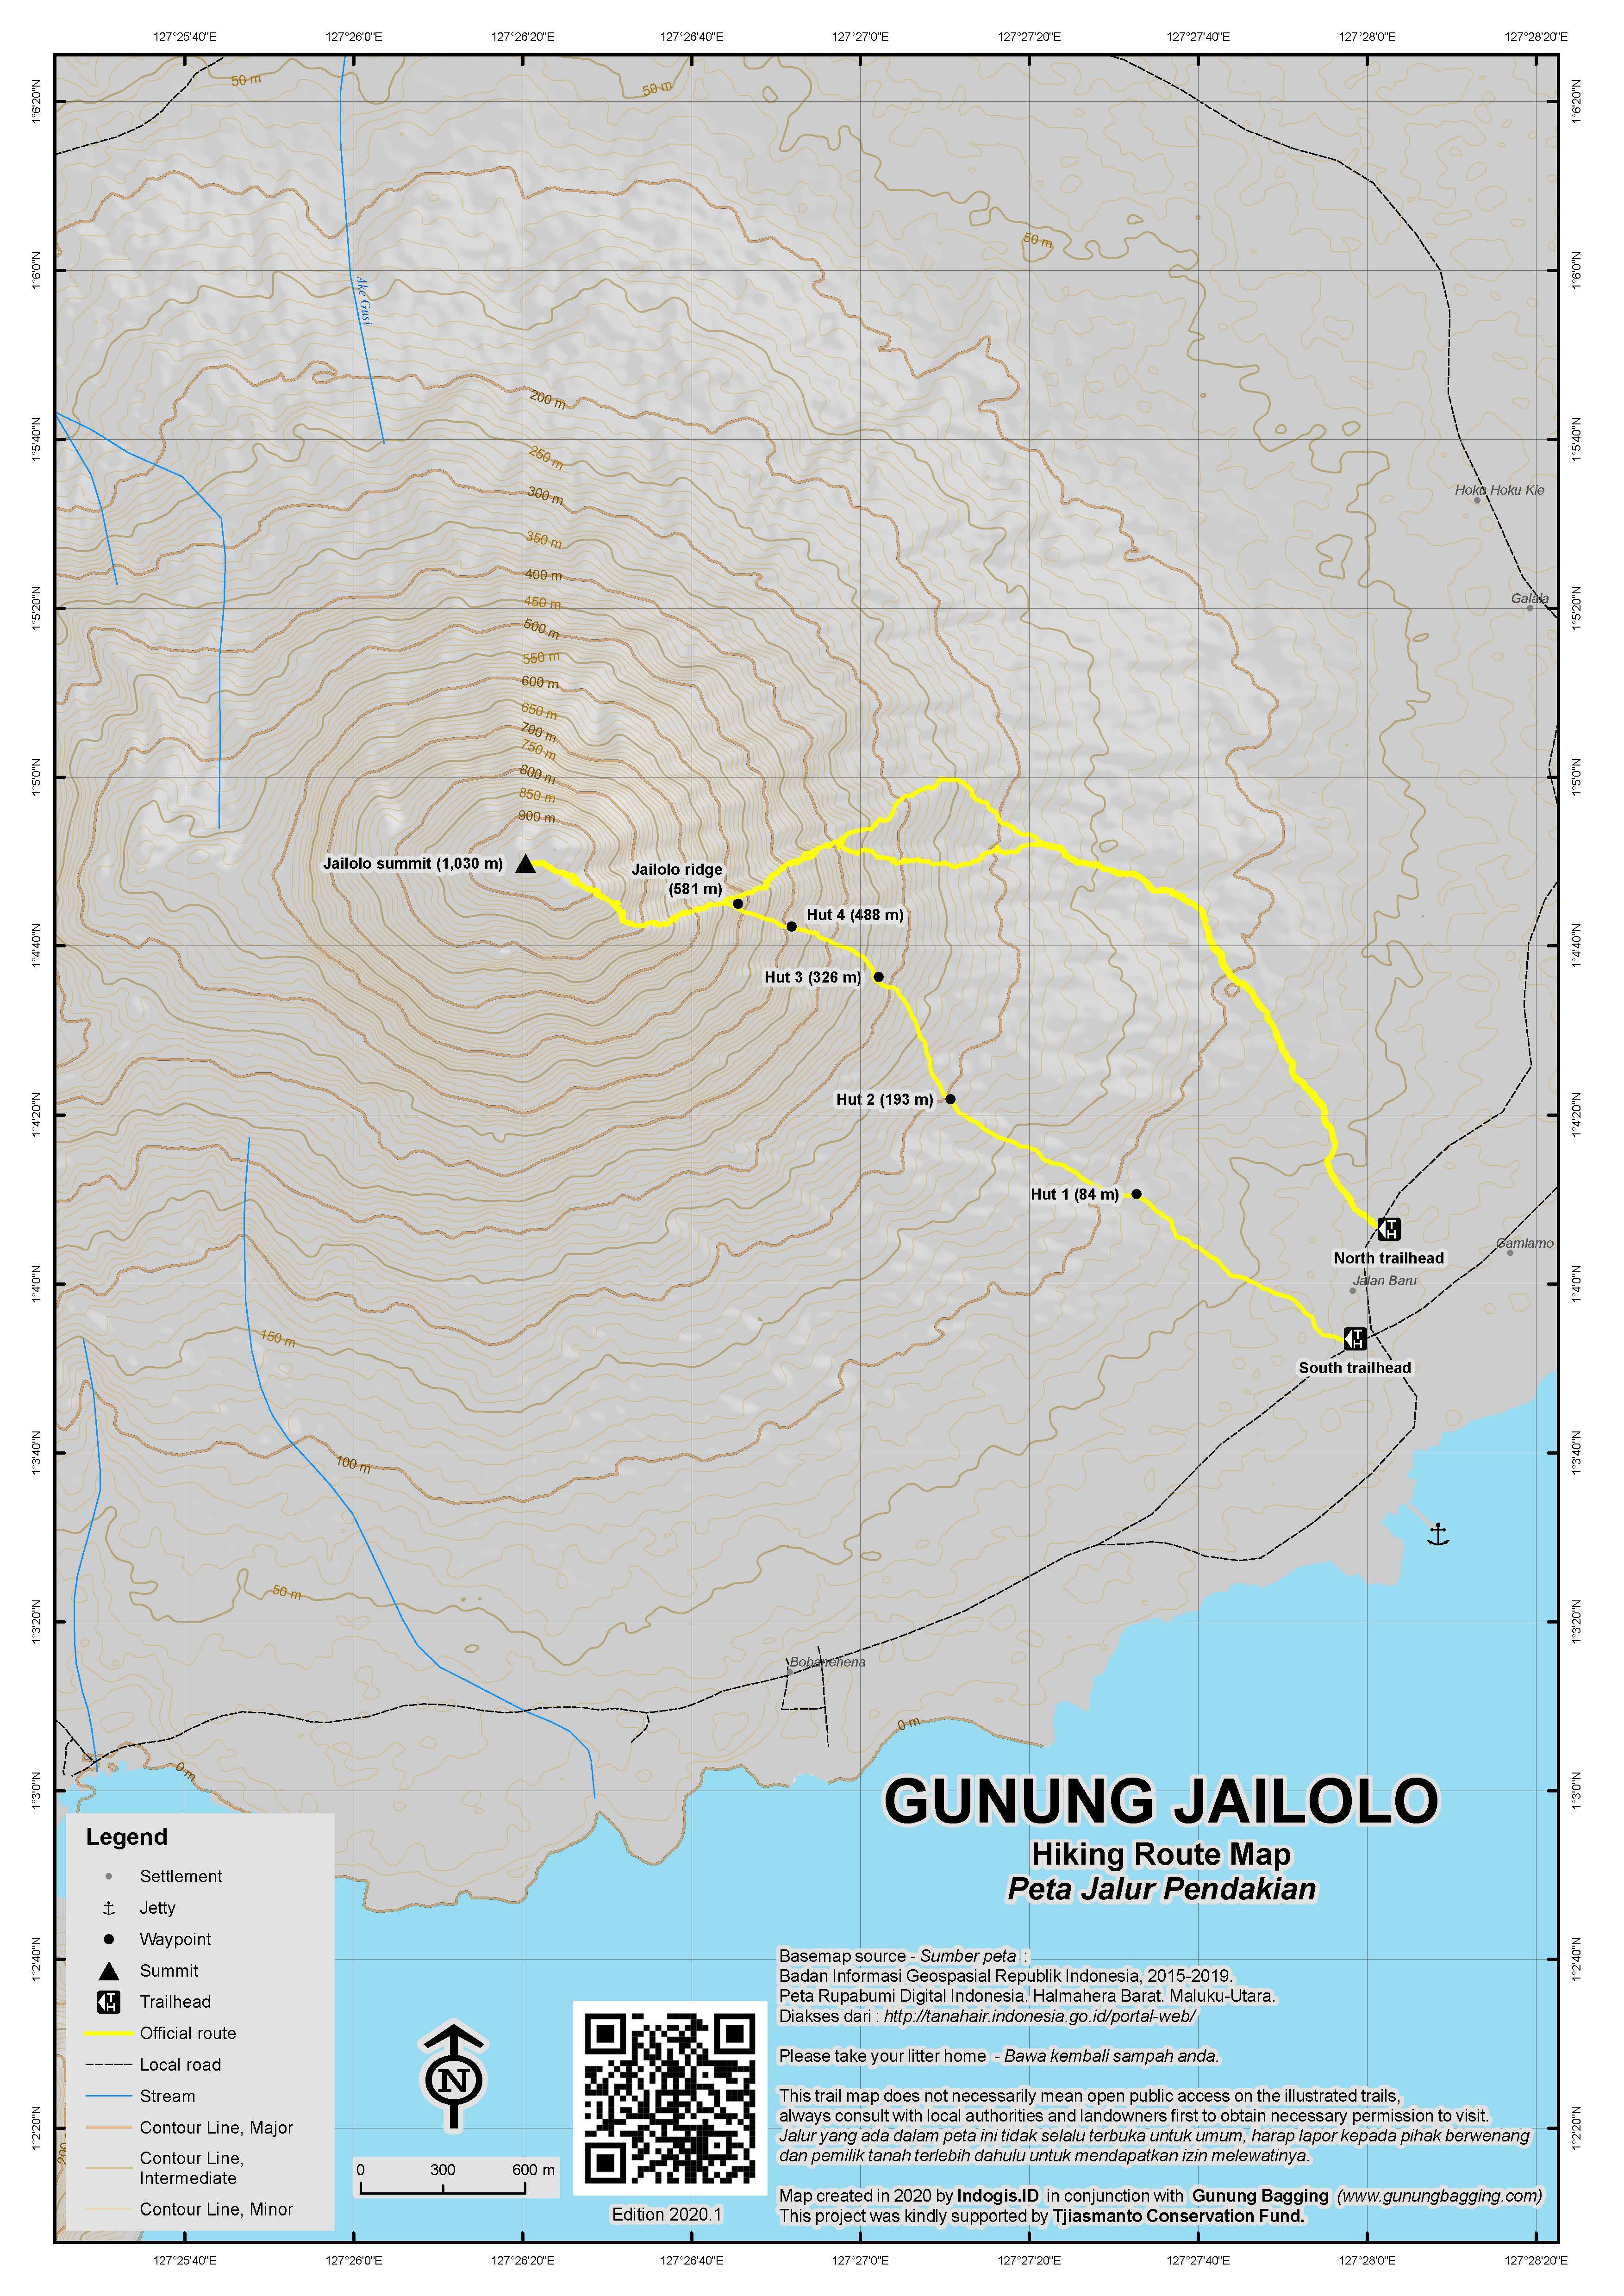 Peta Jalur Pendakian Gunung Jailolo